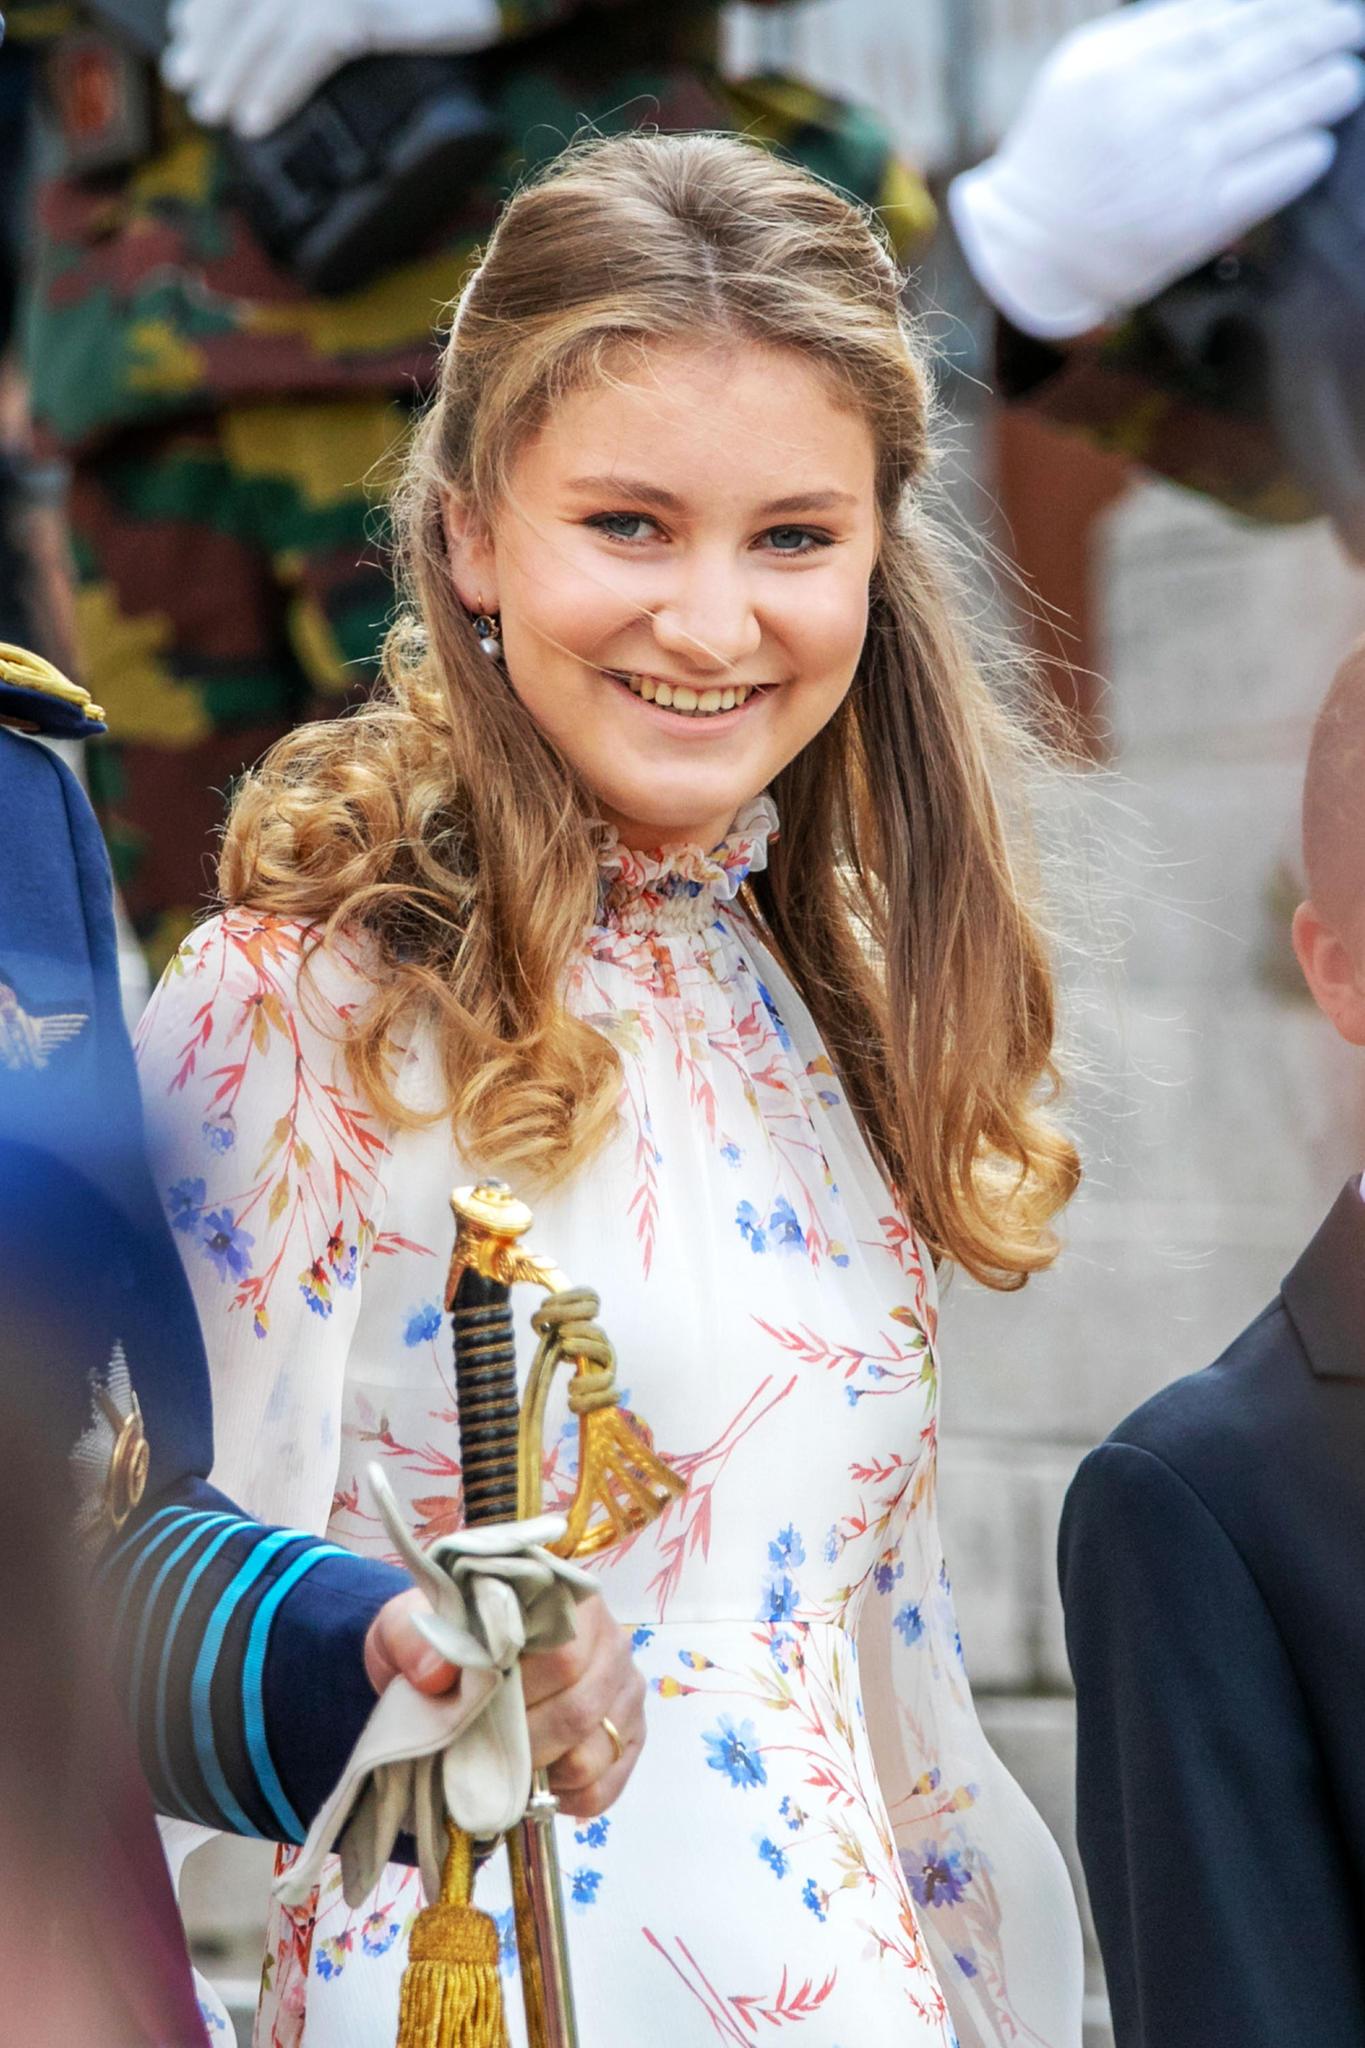 Znalezione obrazy dla zapytania princess elisabeth of belgium 2019